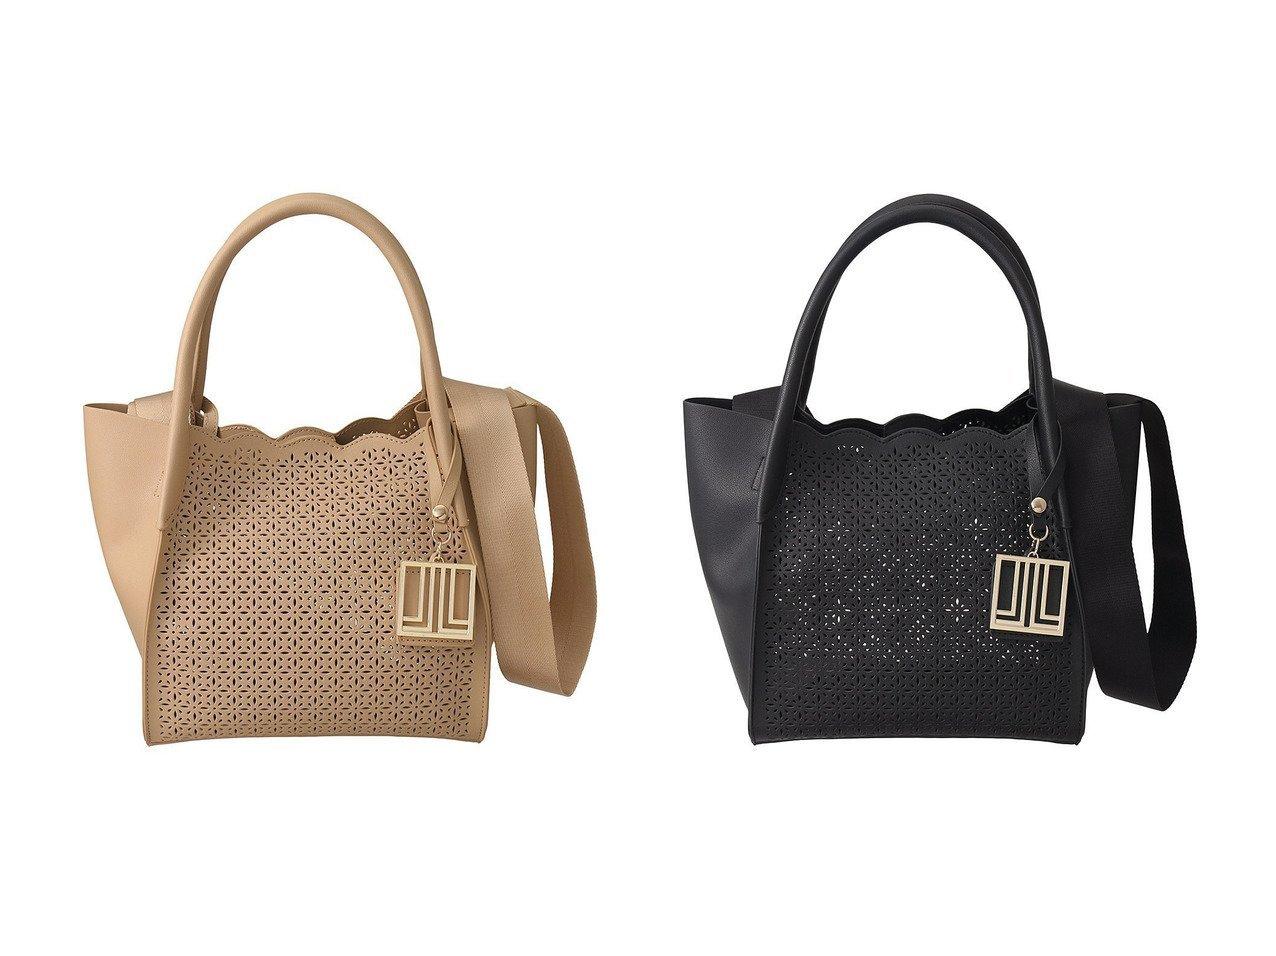 【LANVIN en Bleu/ランバン オン ブルー】のフラワーカッティングBAG 【バッグ・鞄】おすすめ!人気、トレンド・レディースファッションの通販 おすすめで人気の流行・トレンド、ファッションの通販商品 インテリア・家具・メンズファッション・キッズファッション・レディースファッション・服の通販 founy(ファニー) https://founy.com/ ファッション Fashion レディースファッション WOMEN バッグ Bag 2021年 2021 2021-2022秋冬・A/W AW・Autumn/Winter・FW・Fall-Winter・2021-2022 A/W・秋冬 AW・Autumn/Winter・FW・Fall-Winter カッティング シアー チェーン フラワー ポーチ  ID:crp329100000054072